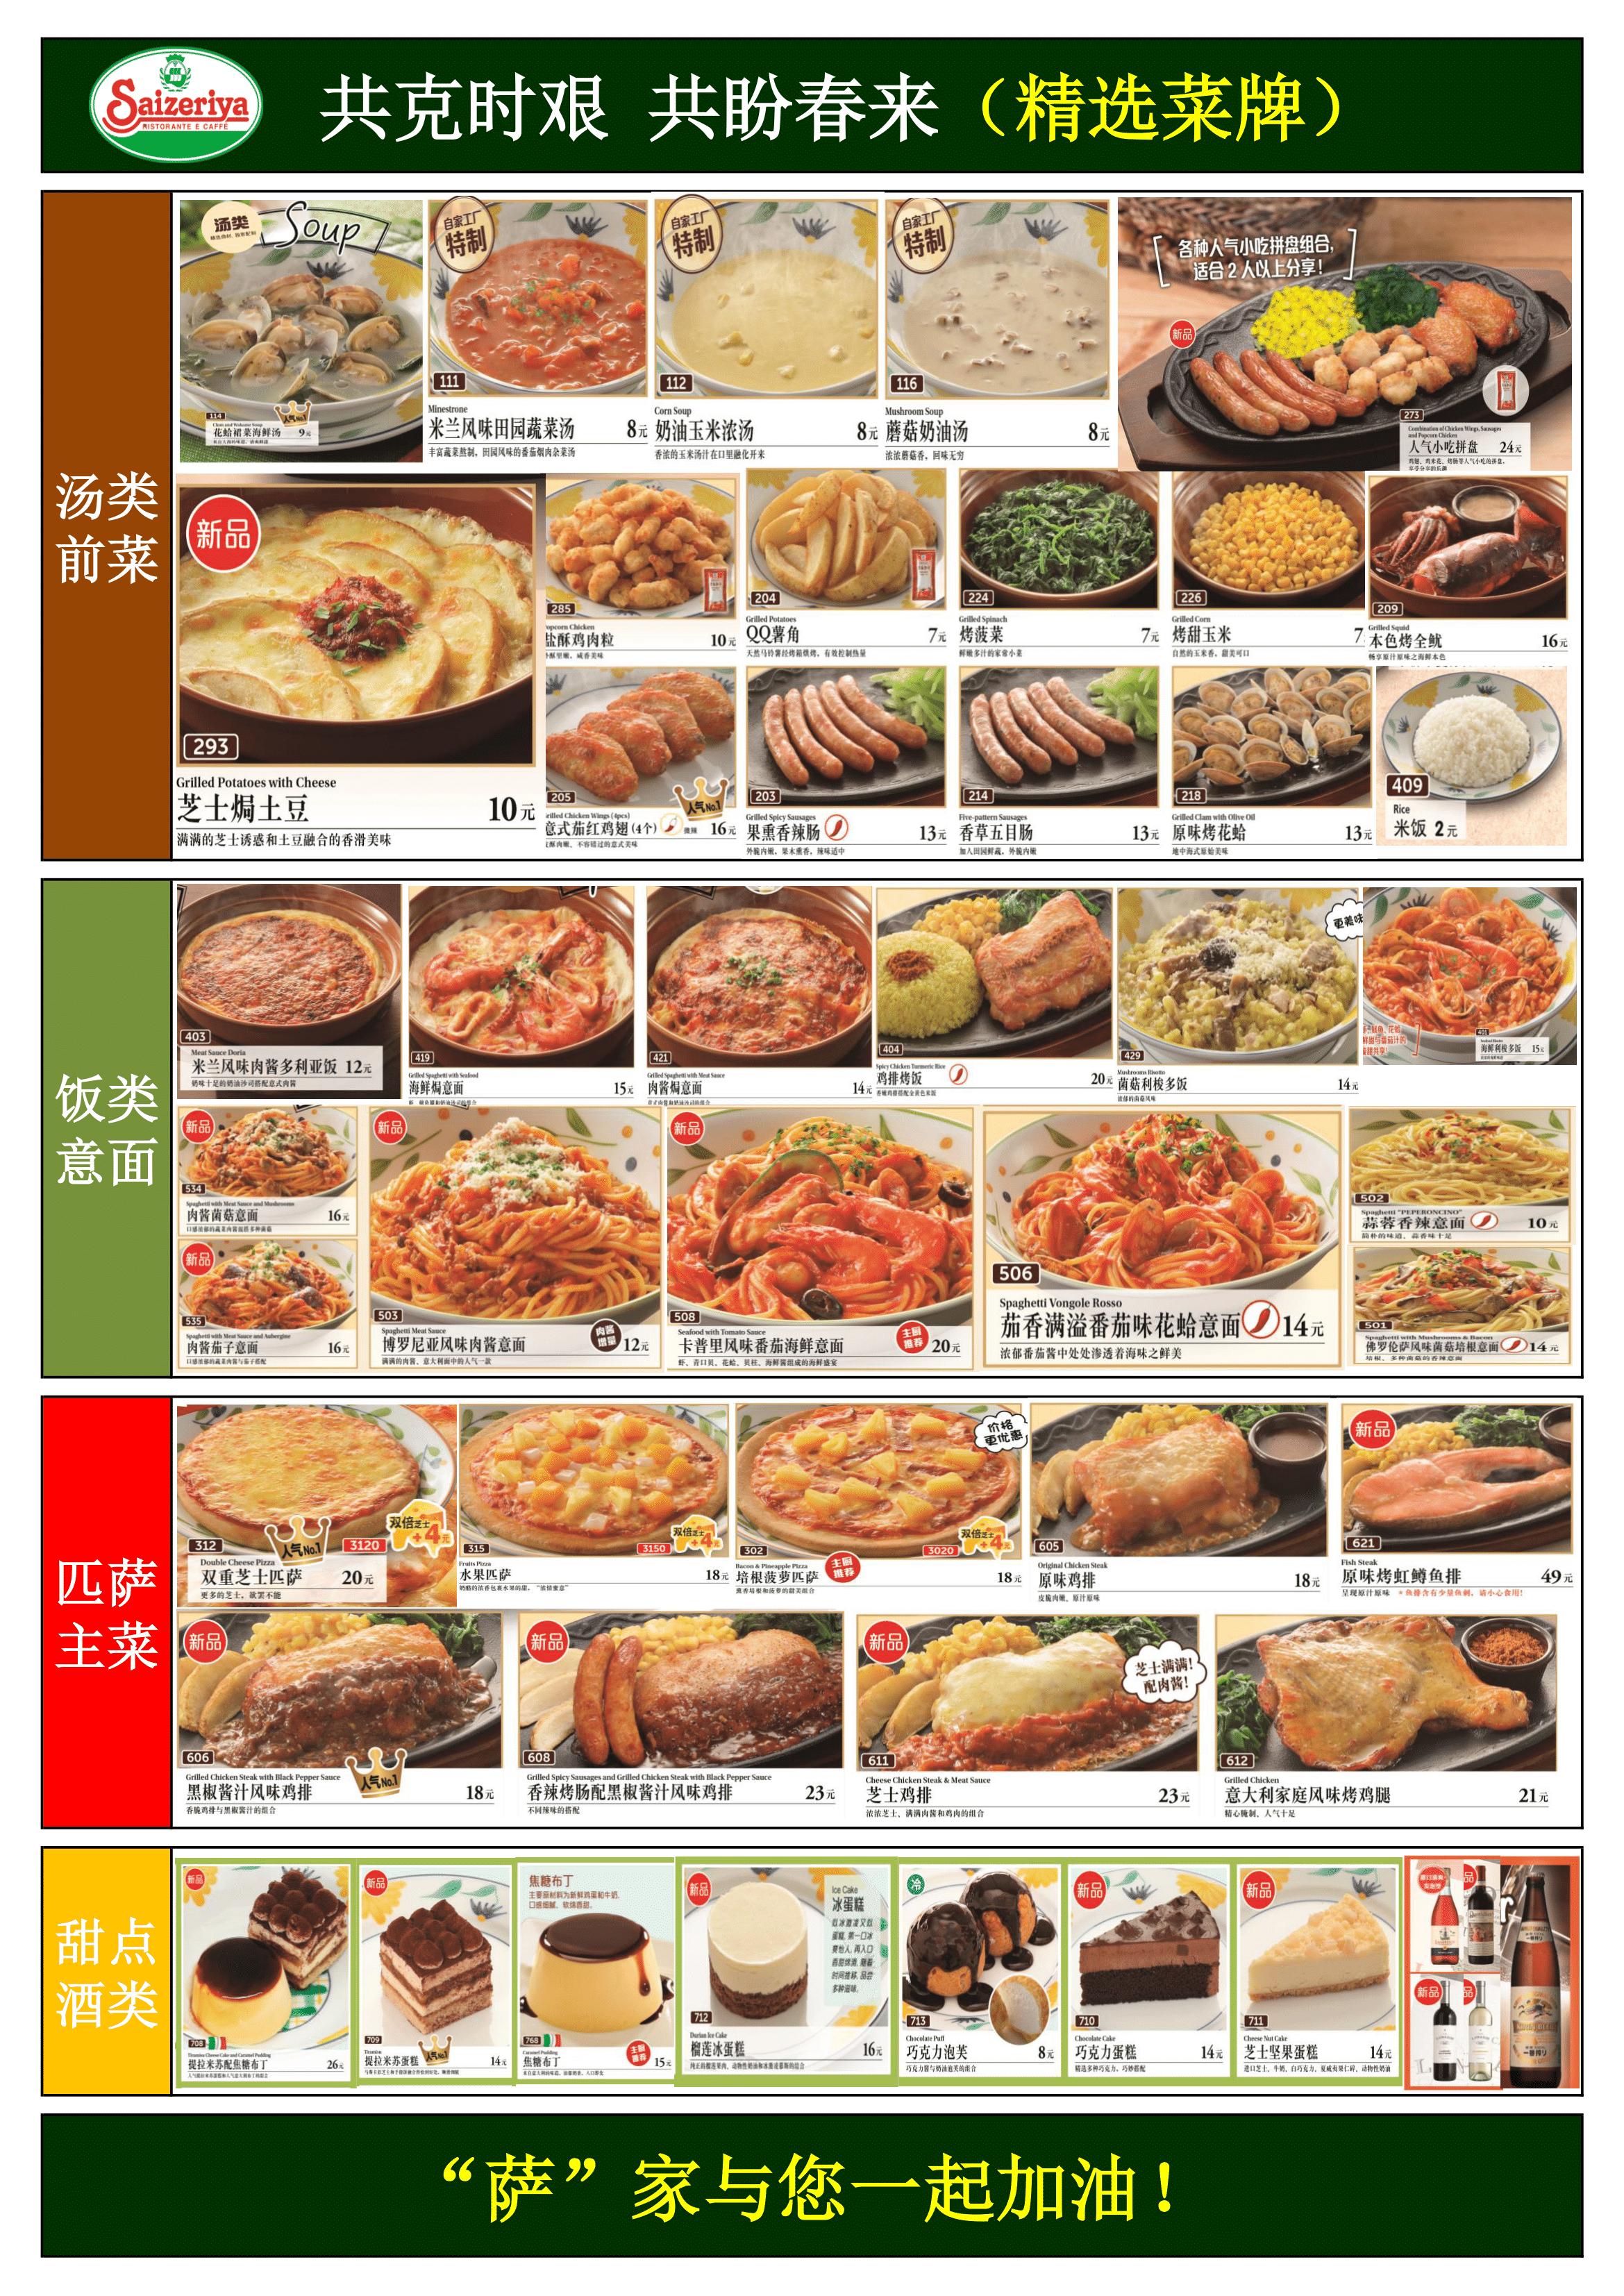 萨莉亚精选菜牌20200215-1.png